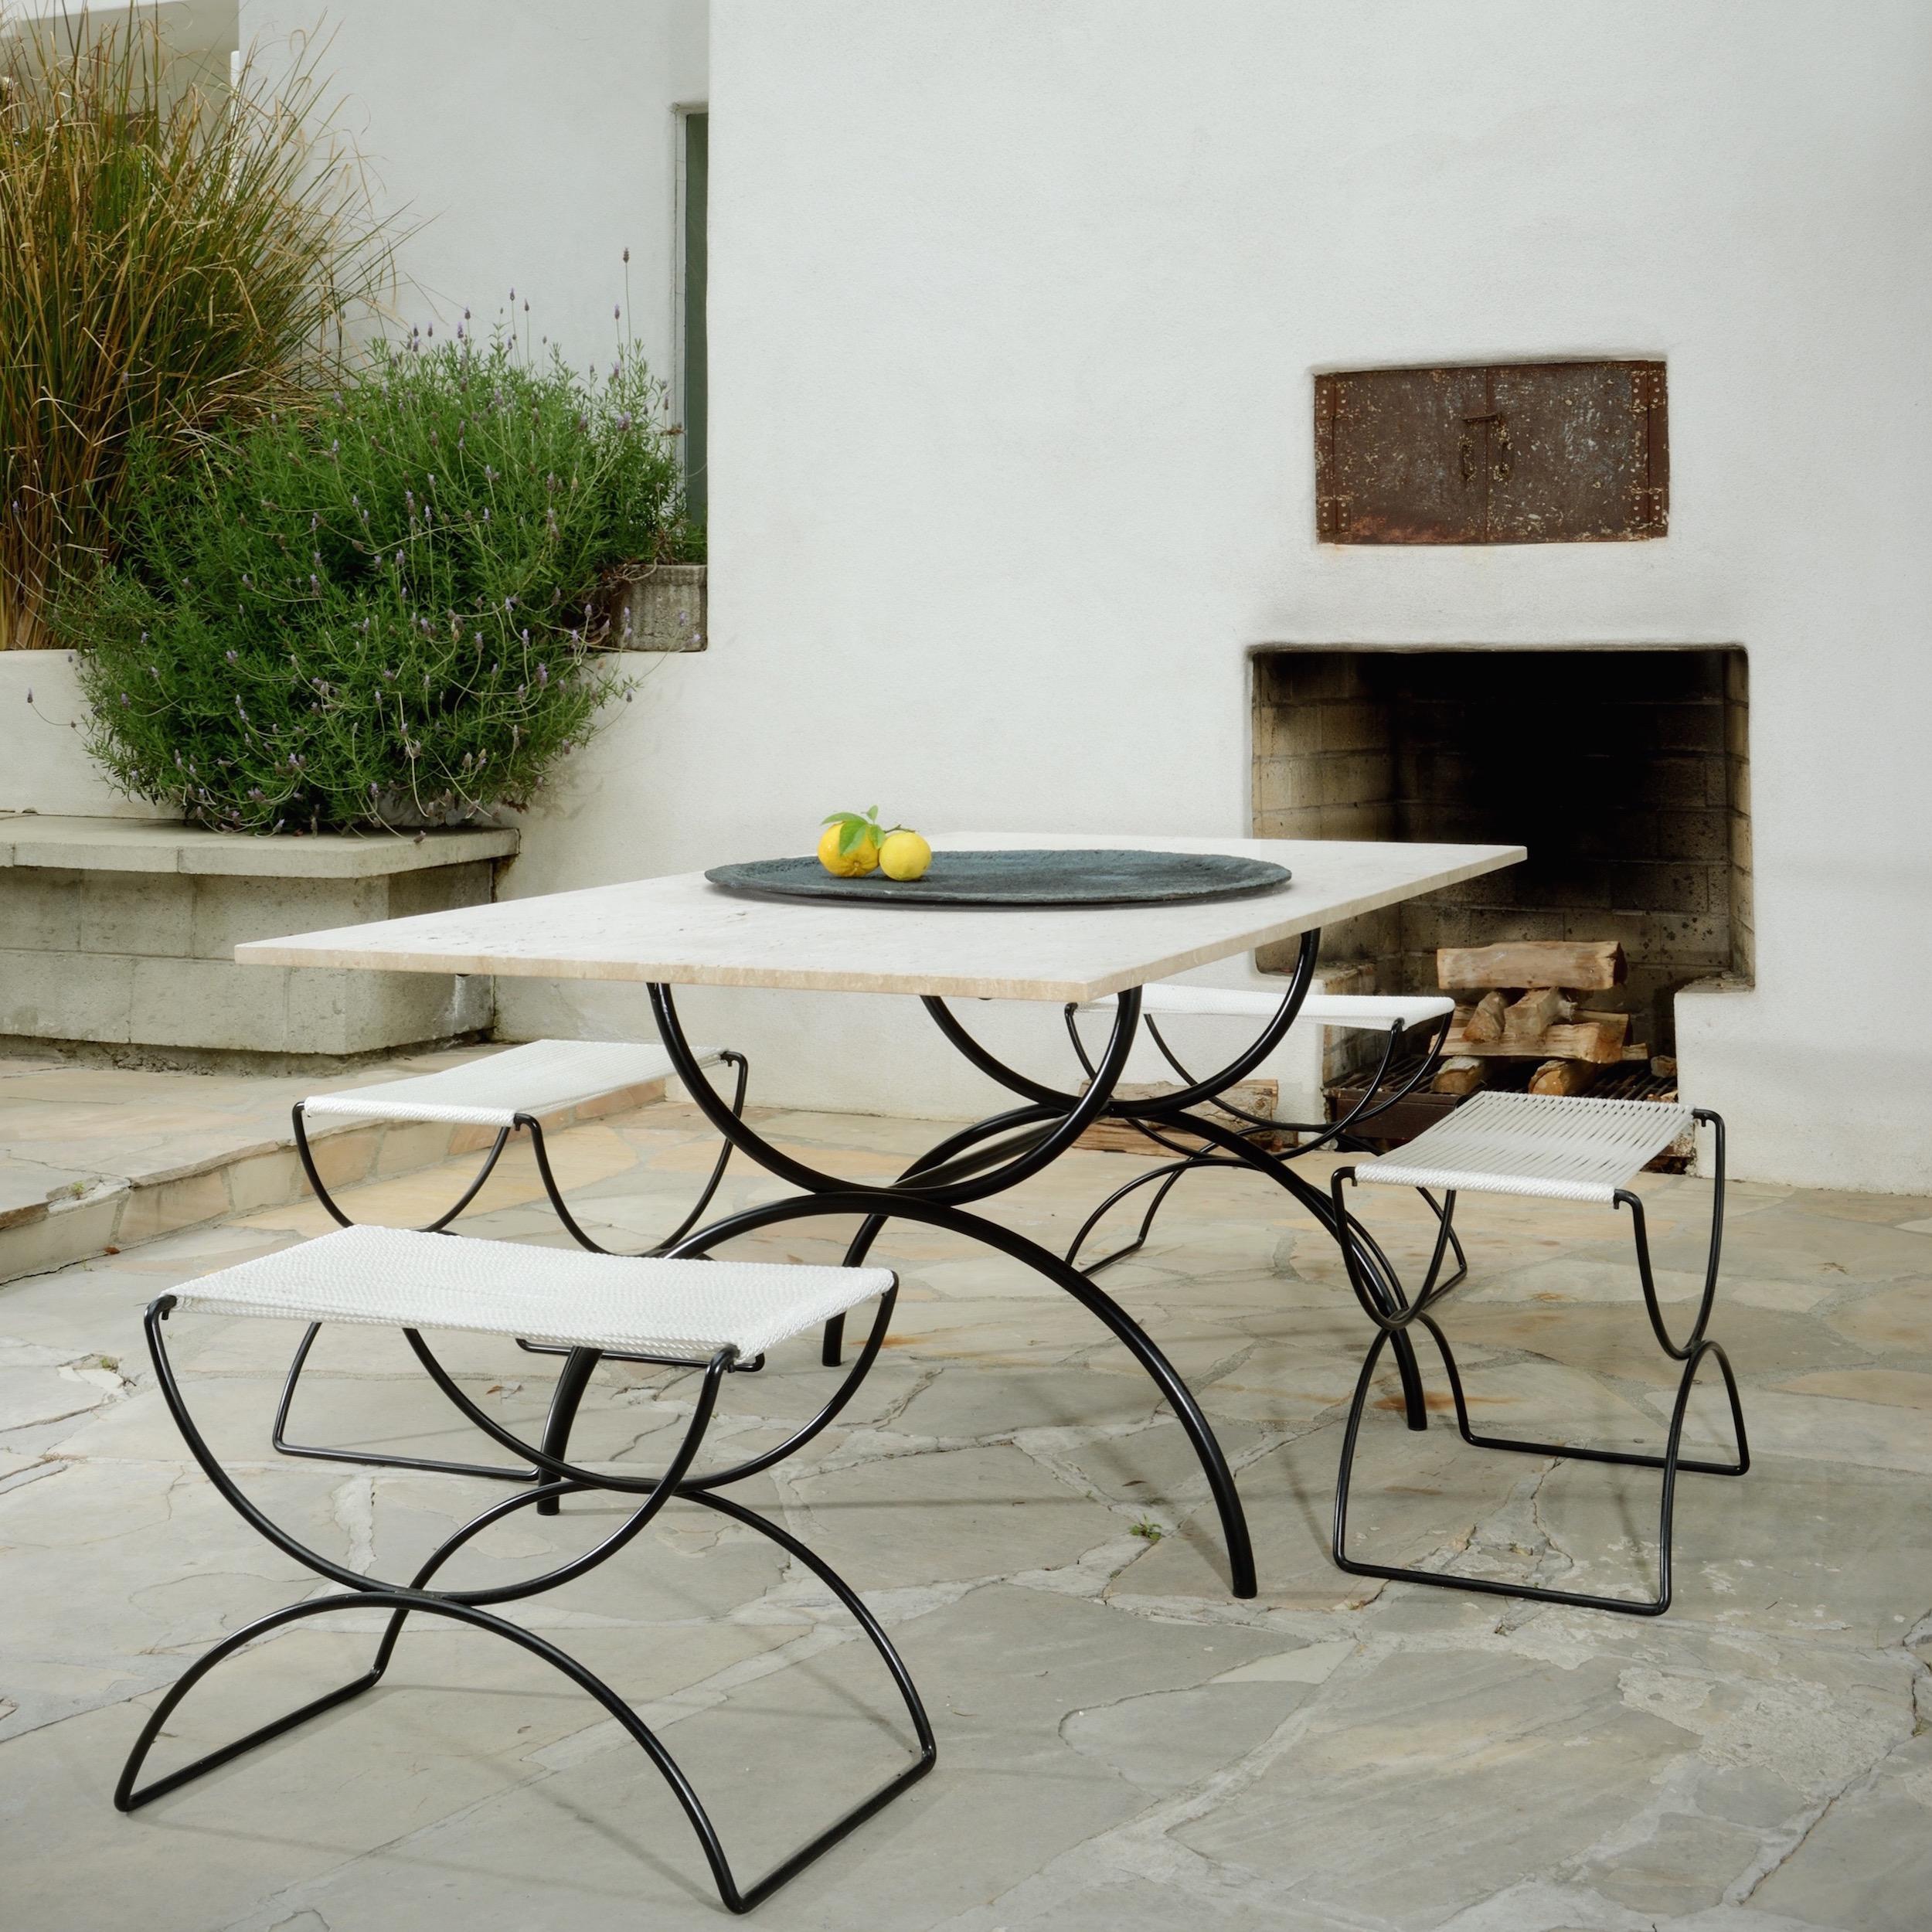 DCP_10ten_Pompeii Table & Seats_1vign.jpg